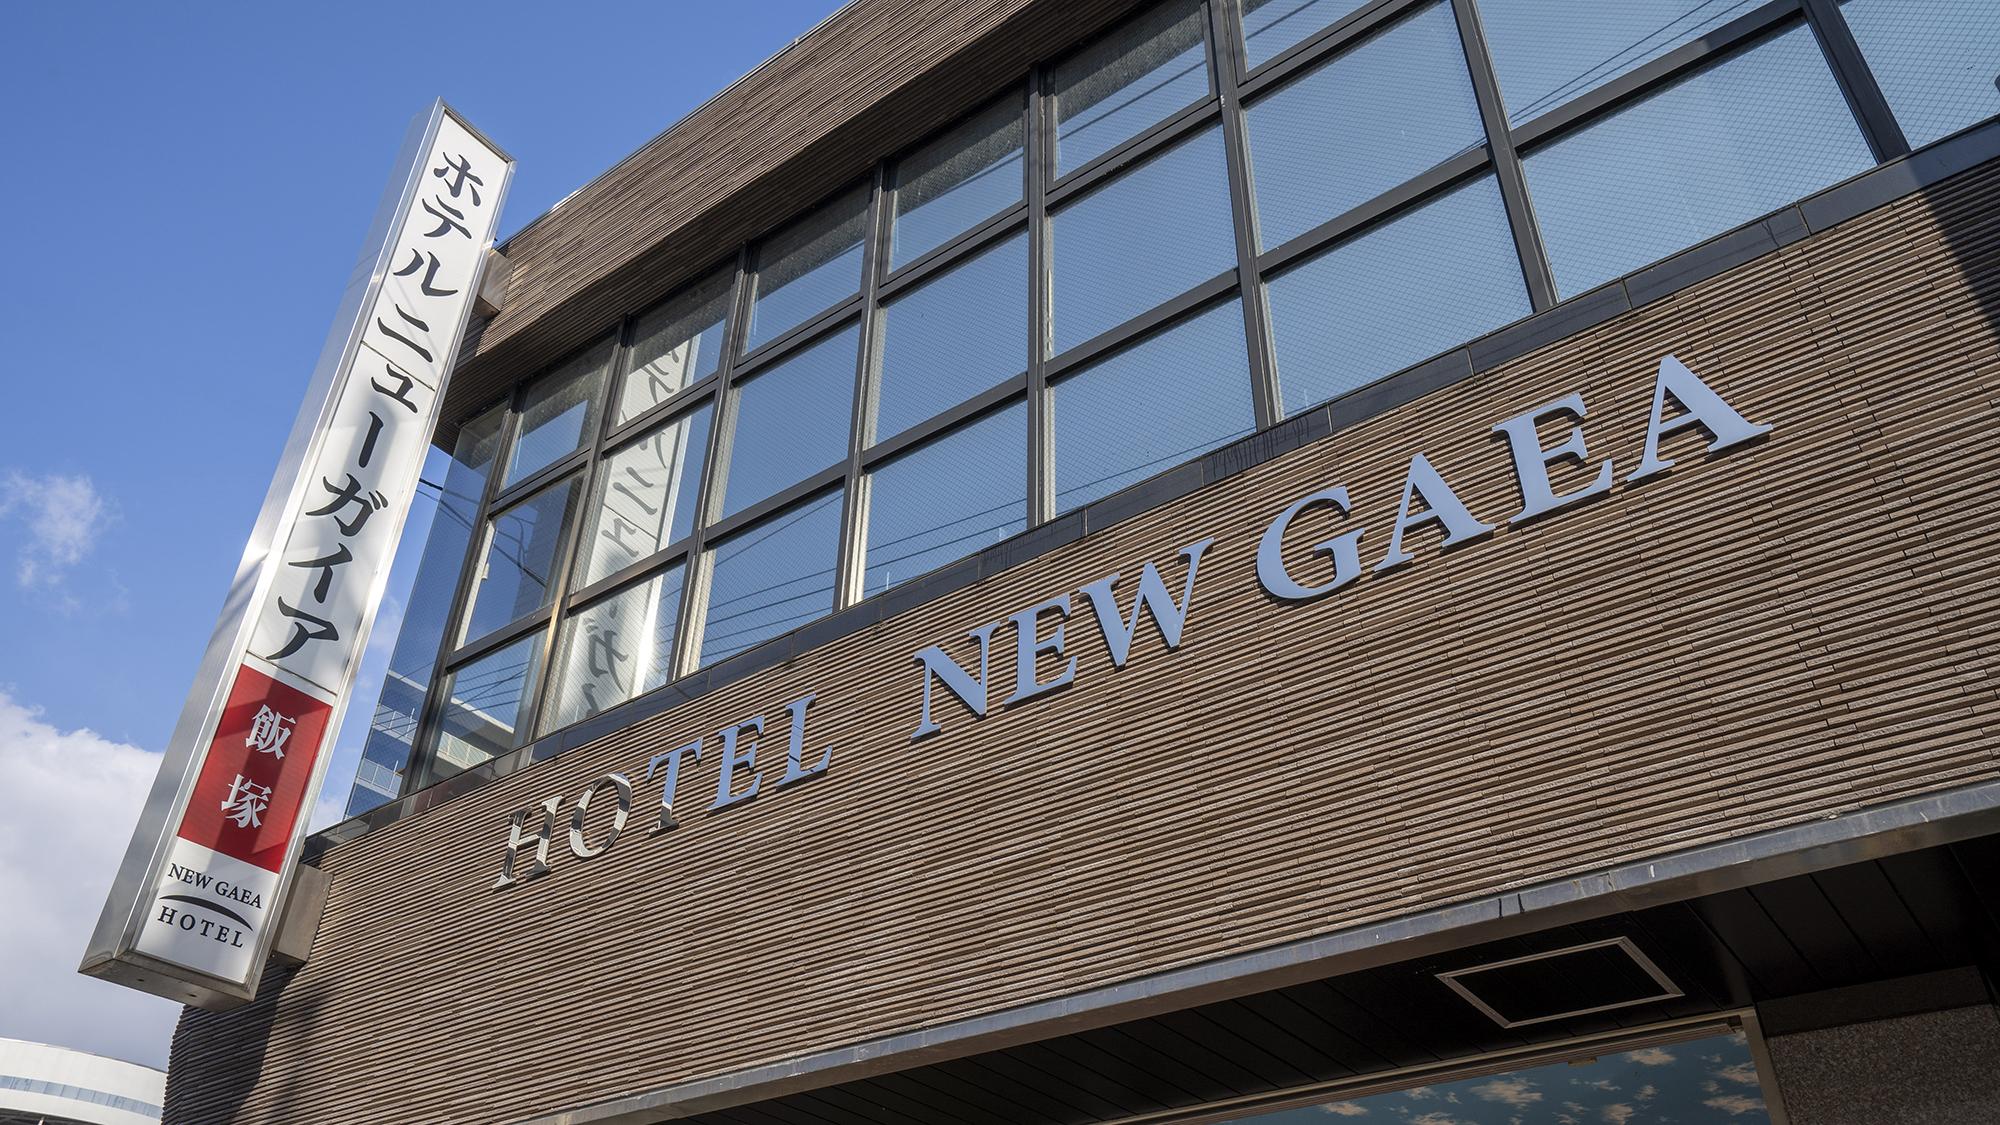 ホテル ニューガイア 飯塚◆楽天トラベル